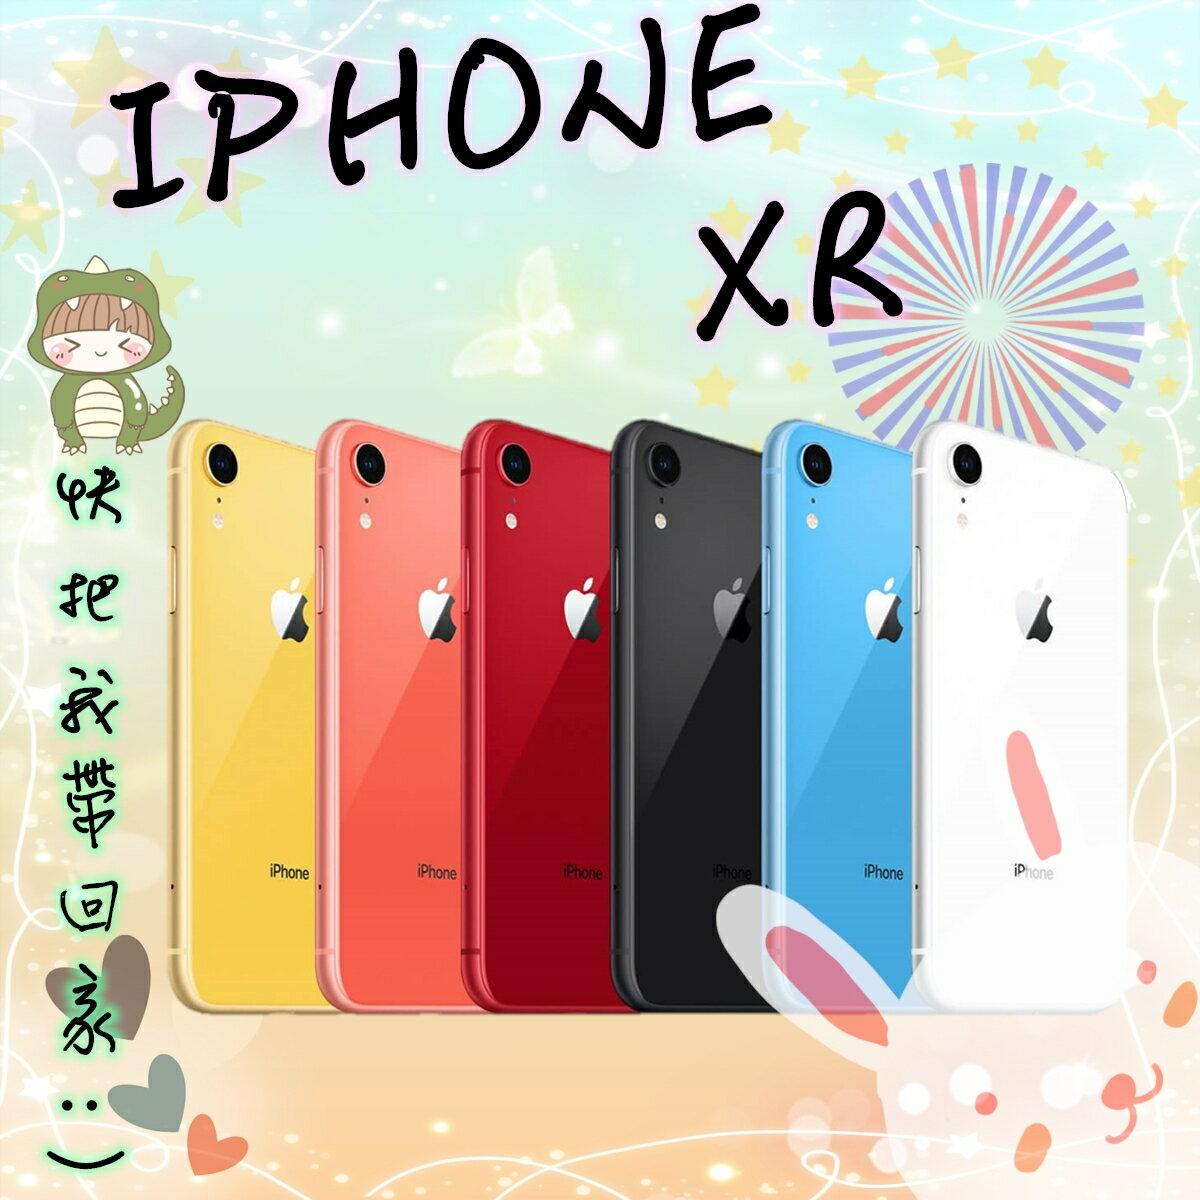 iPhone XR 128G 6.1吋 Apple 隔天到貨 全新未拆公司貨 原廠保固一年 0